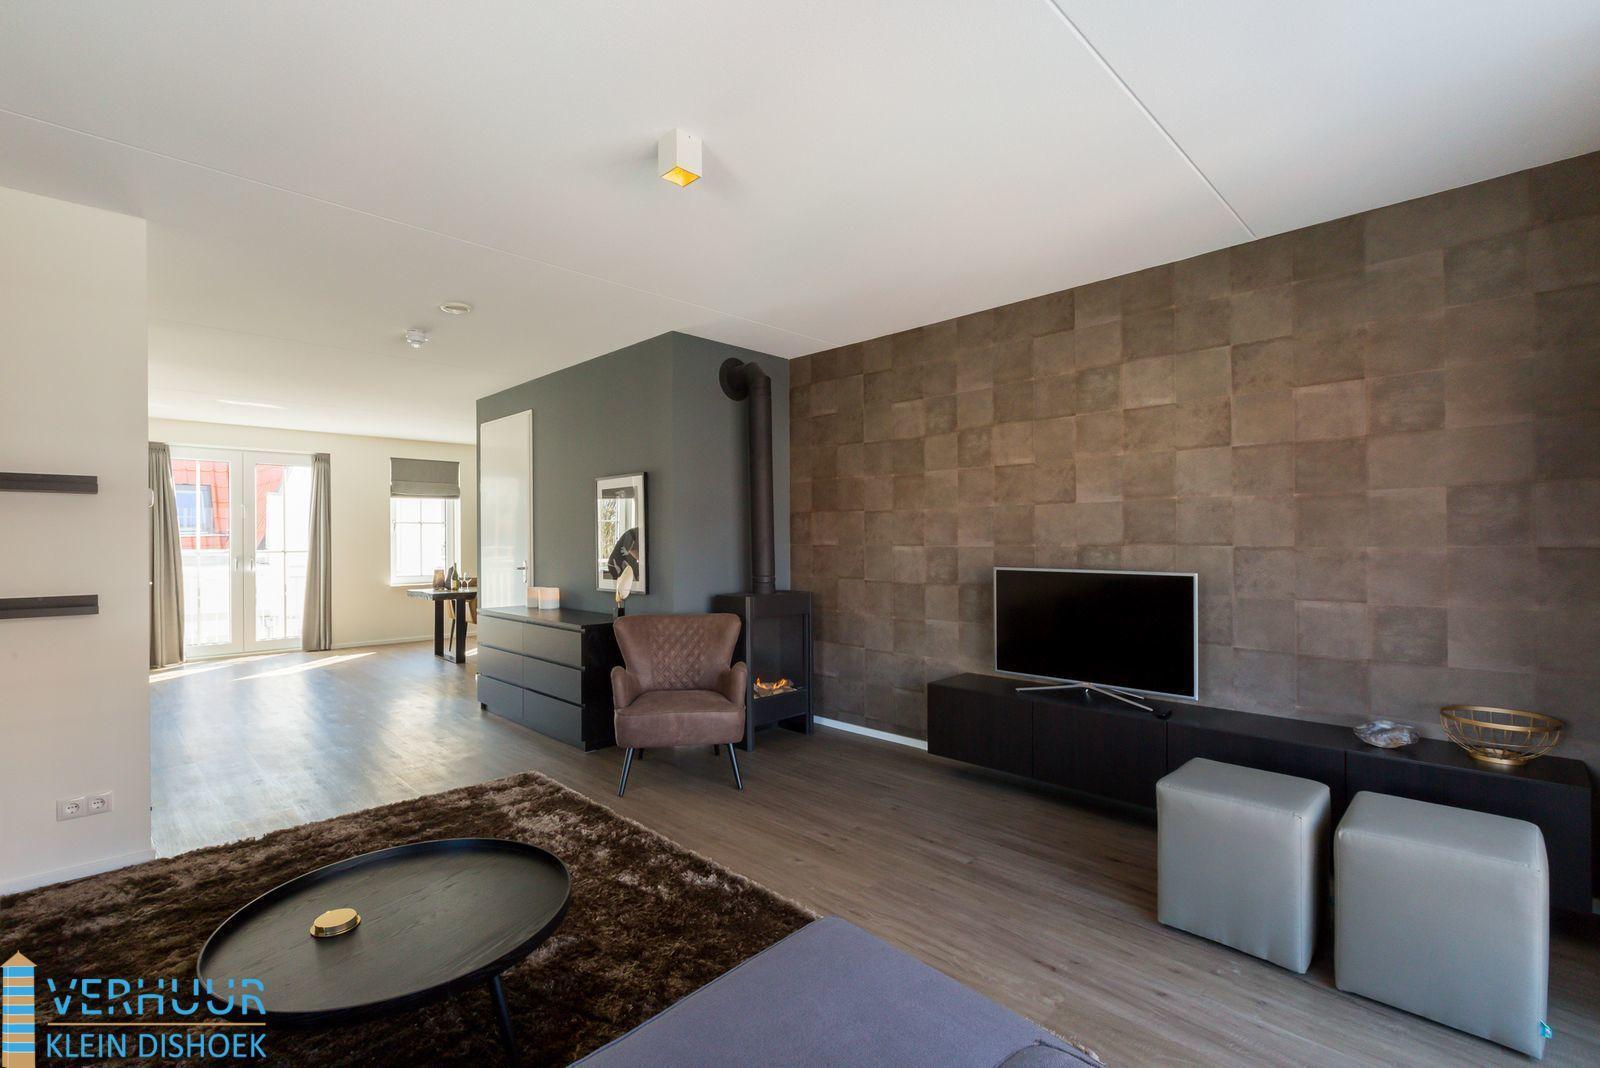 Ferienhaus für 6 Personen ca 170 m² in Koudekerke Zeeland Küste von Zeeland